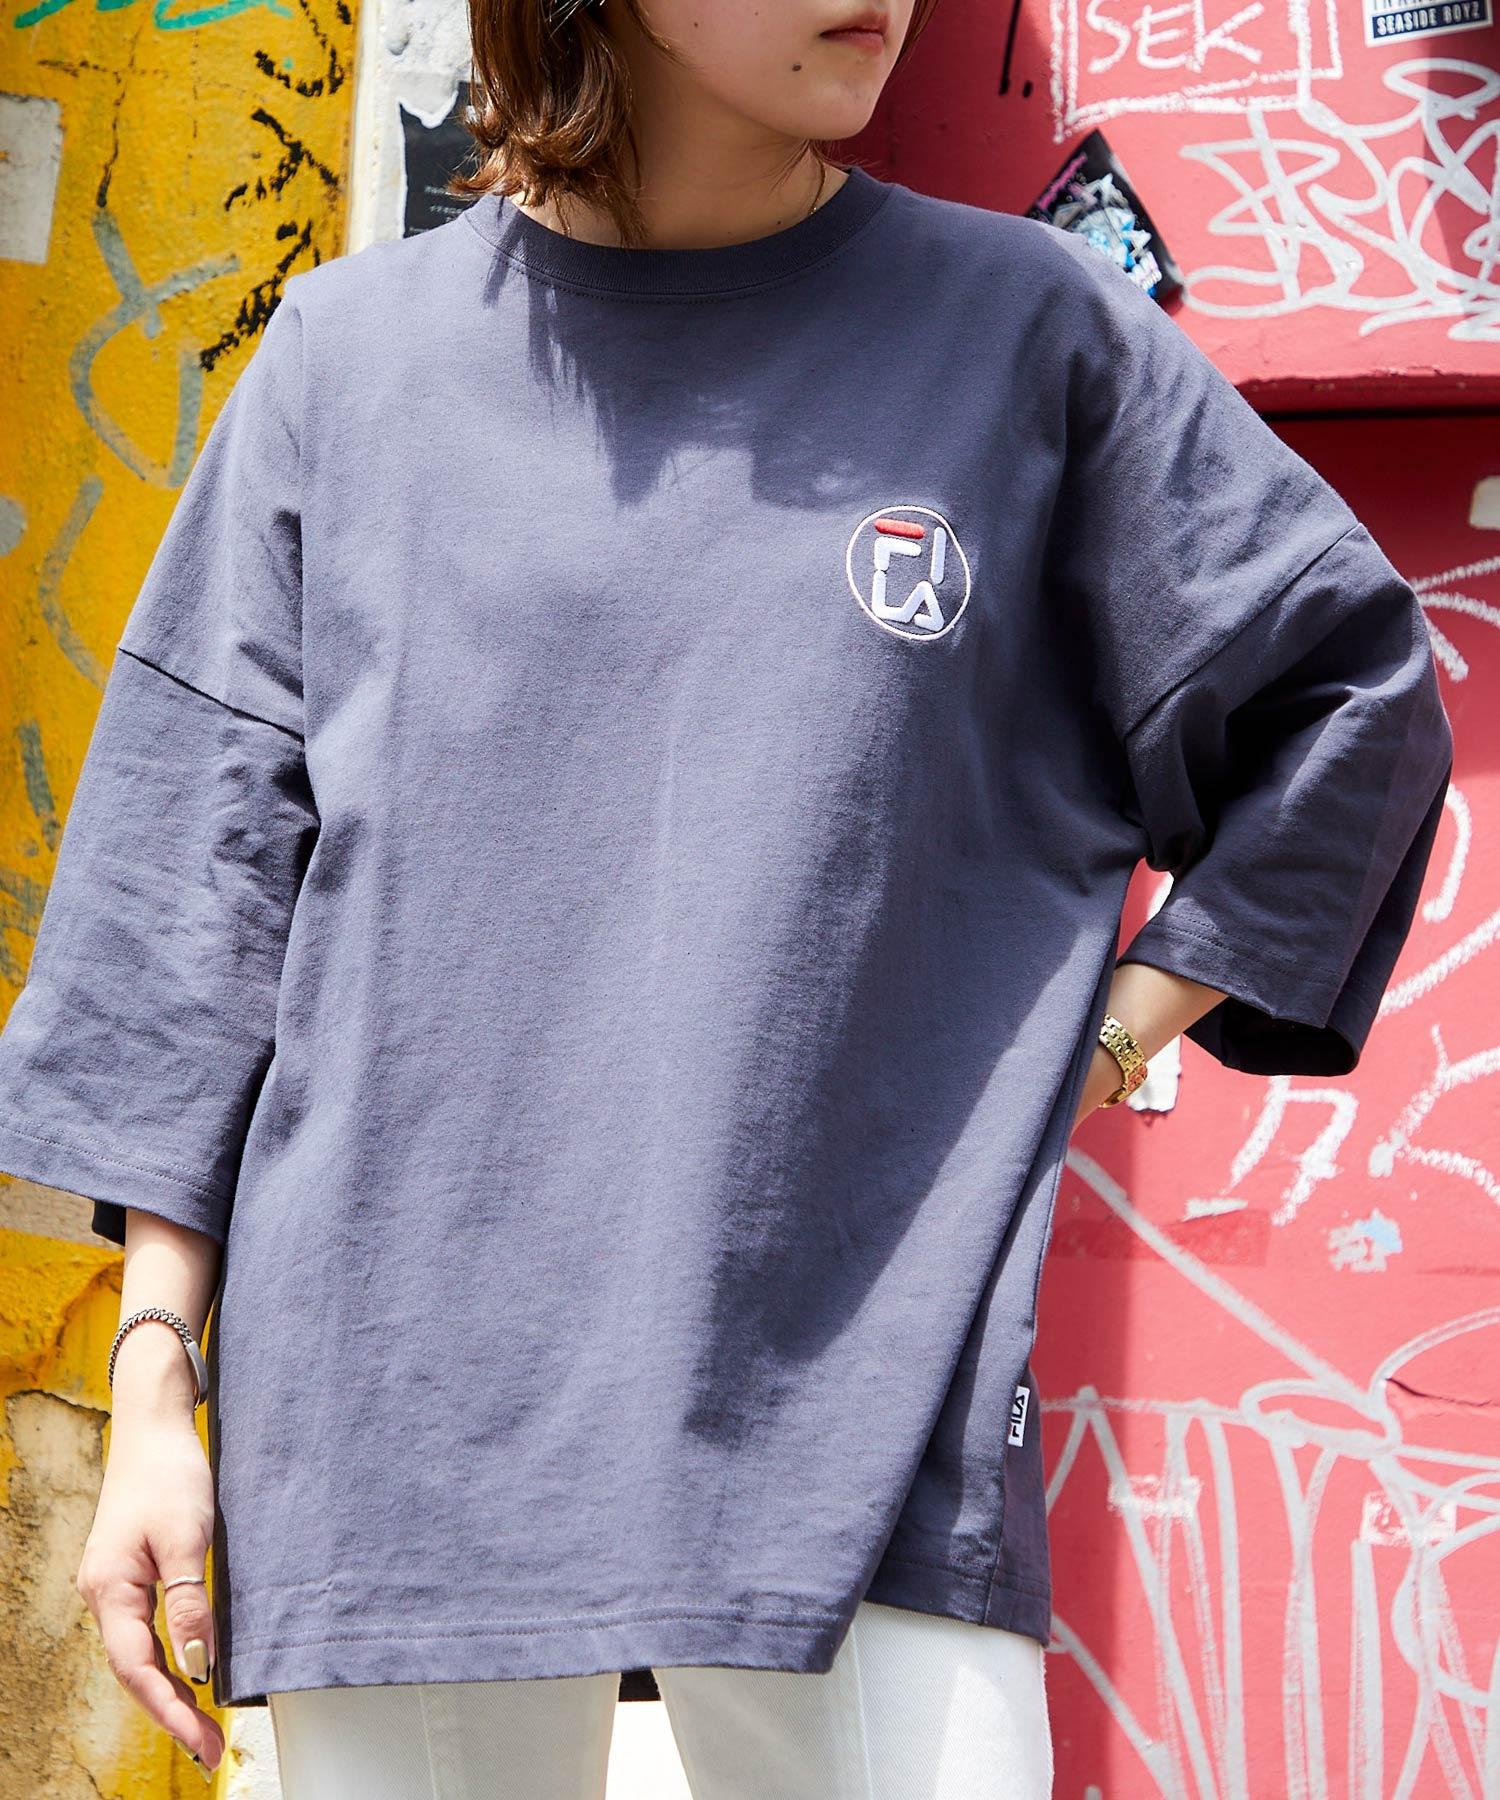 FILA/フィラ 別注 サークルロゴ刺繍 ビッグシルエット半袖カットソー